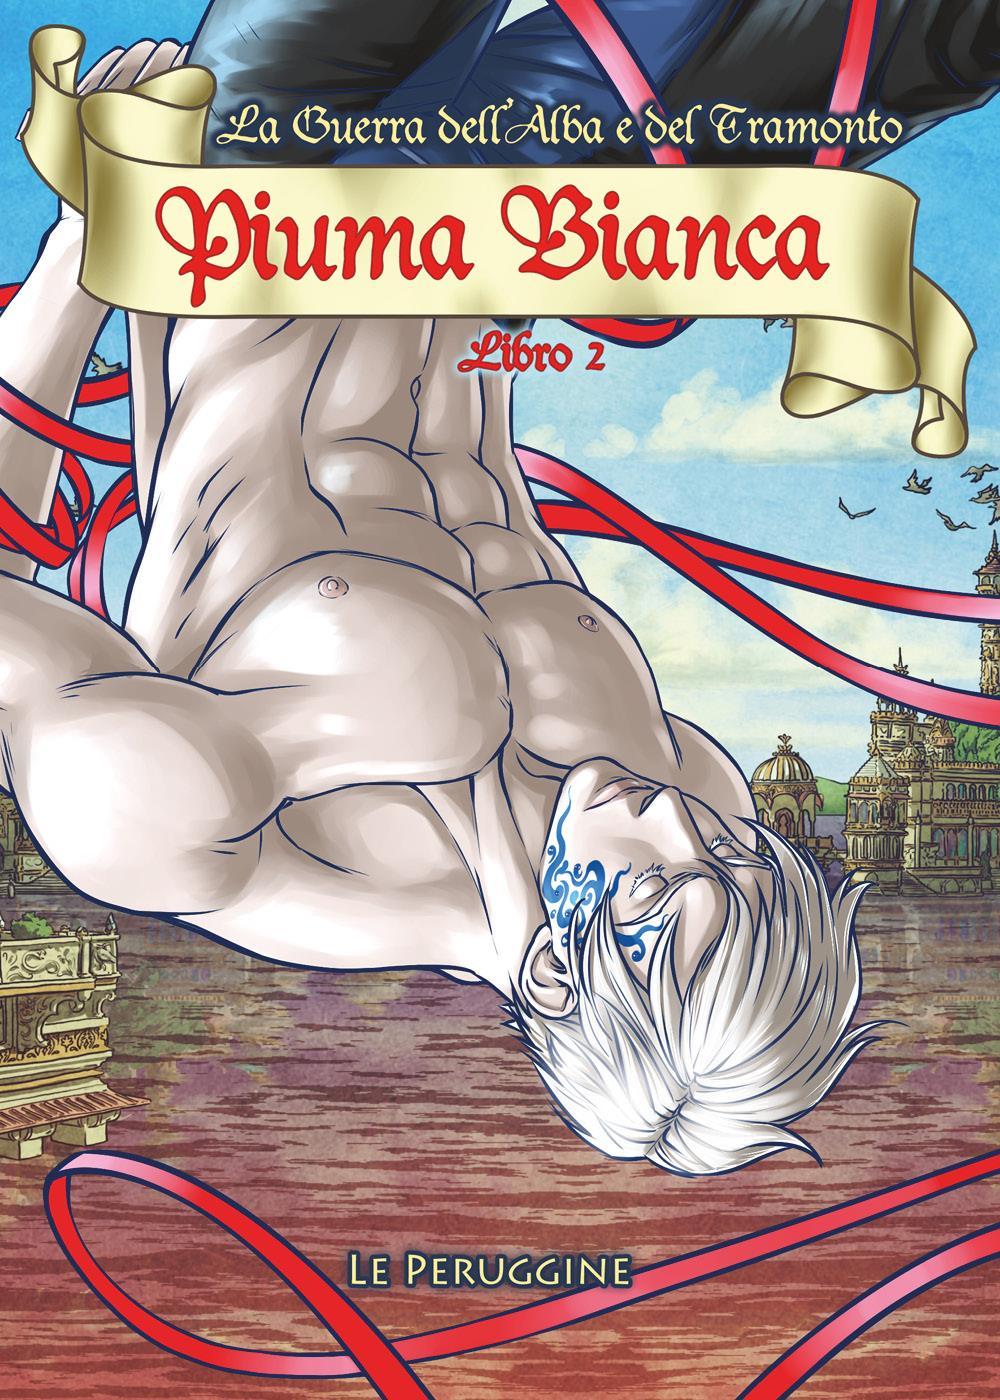 Piuma Bianca - La Guerra dell'Alba e del Tramonto - Libro 2